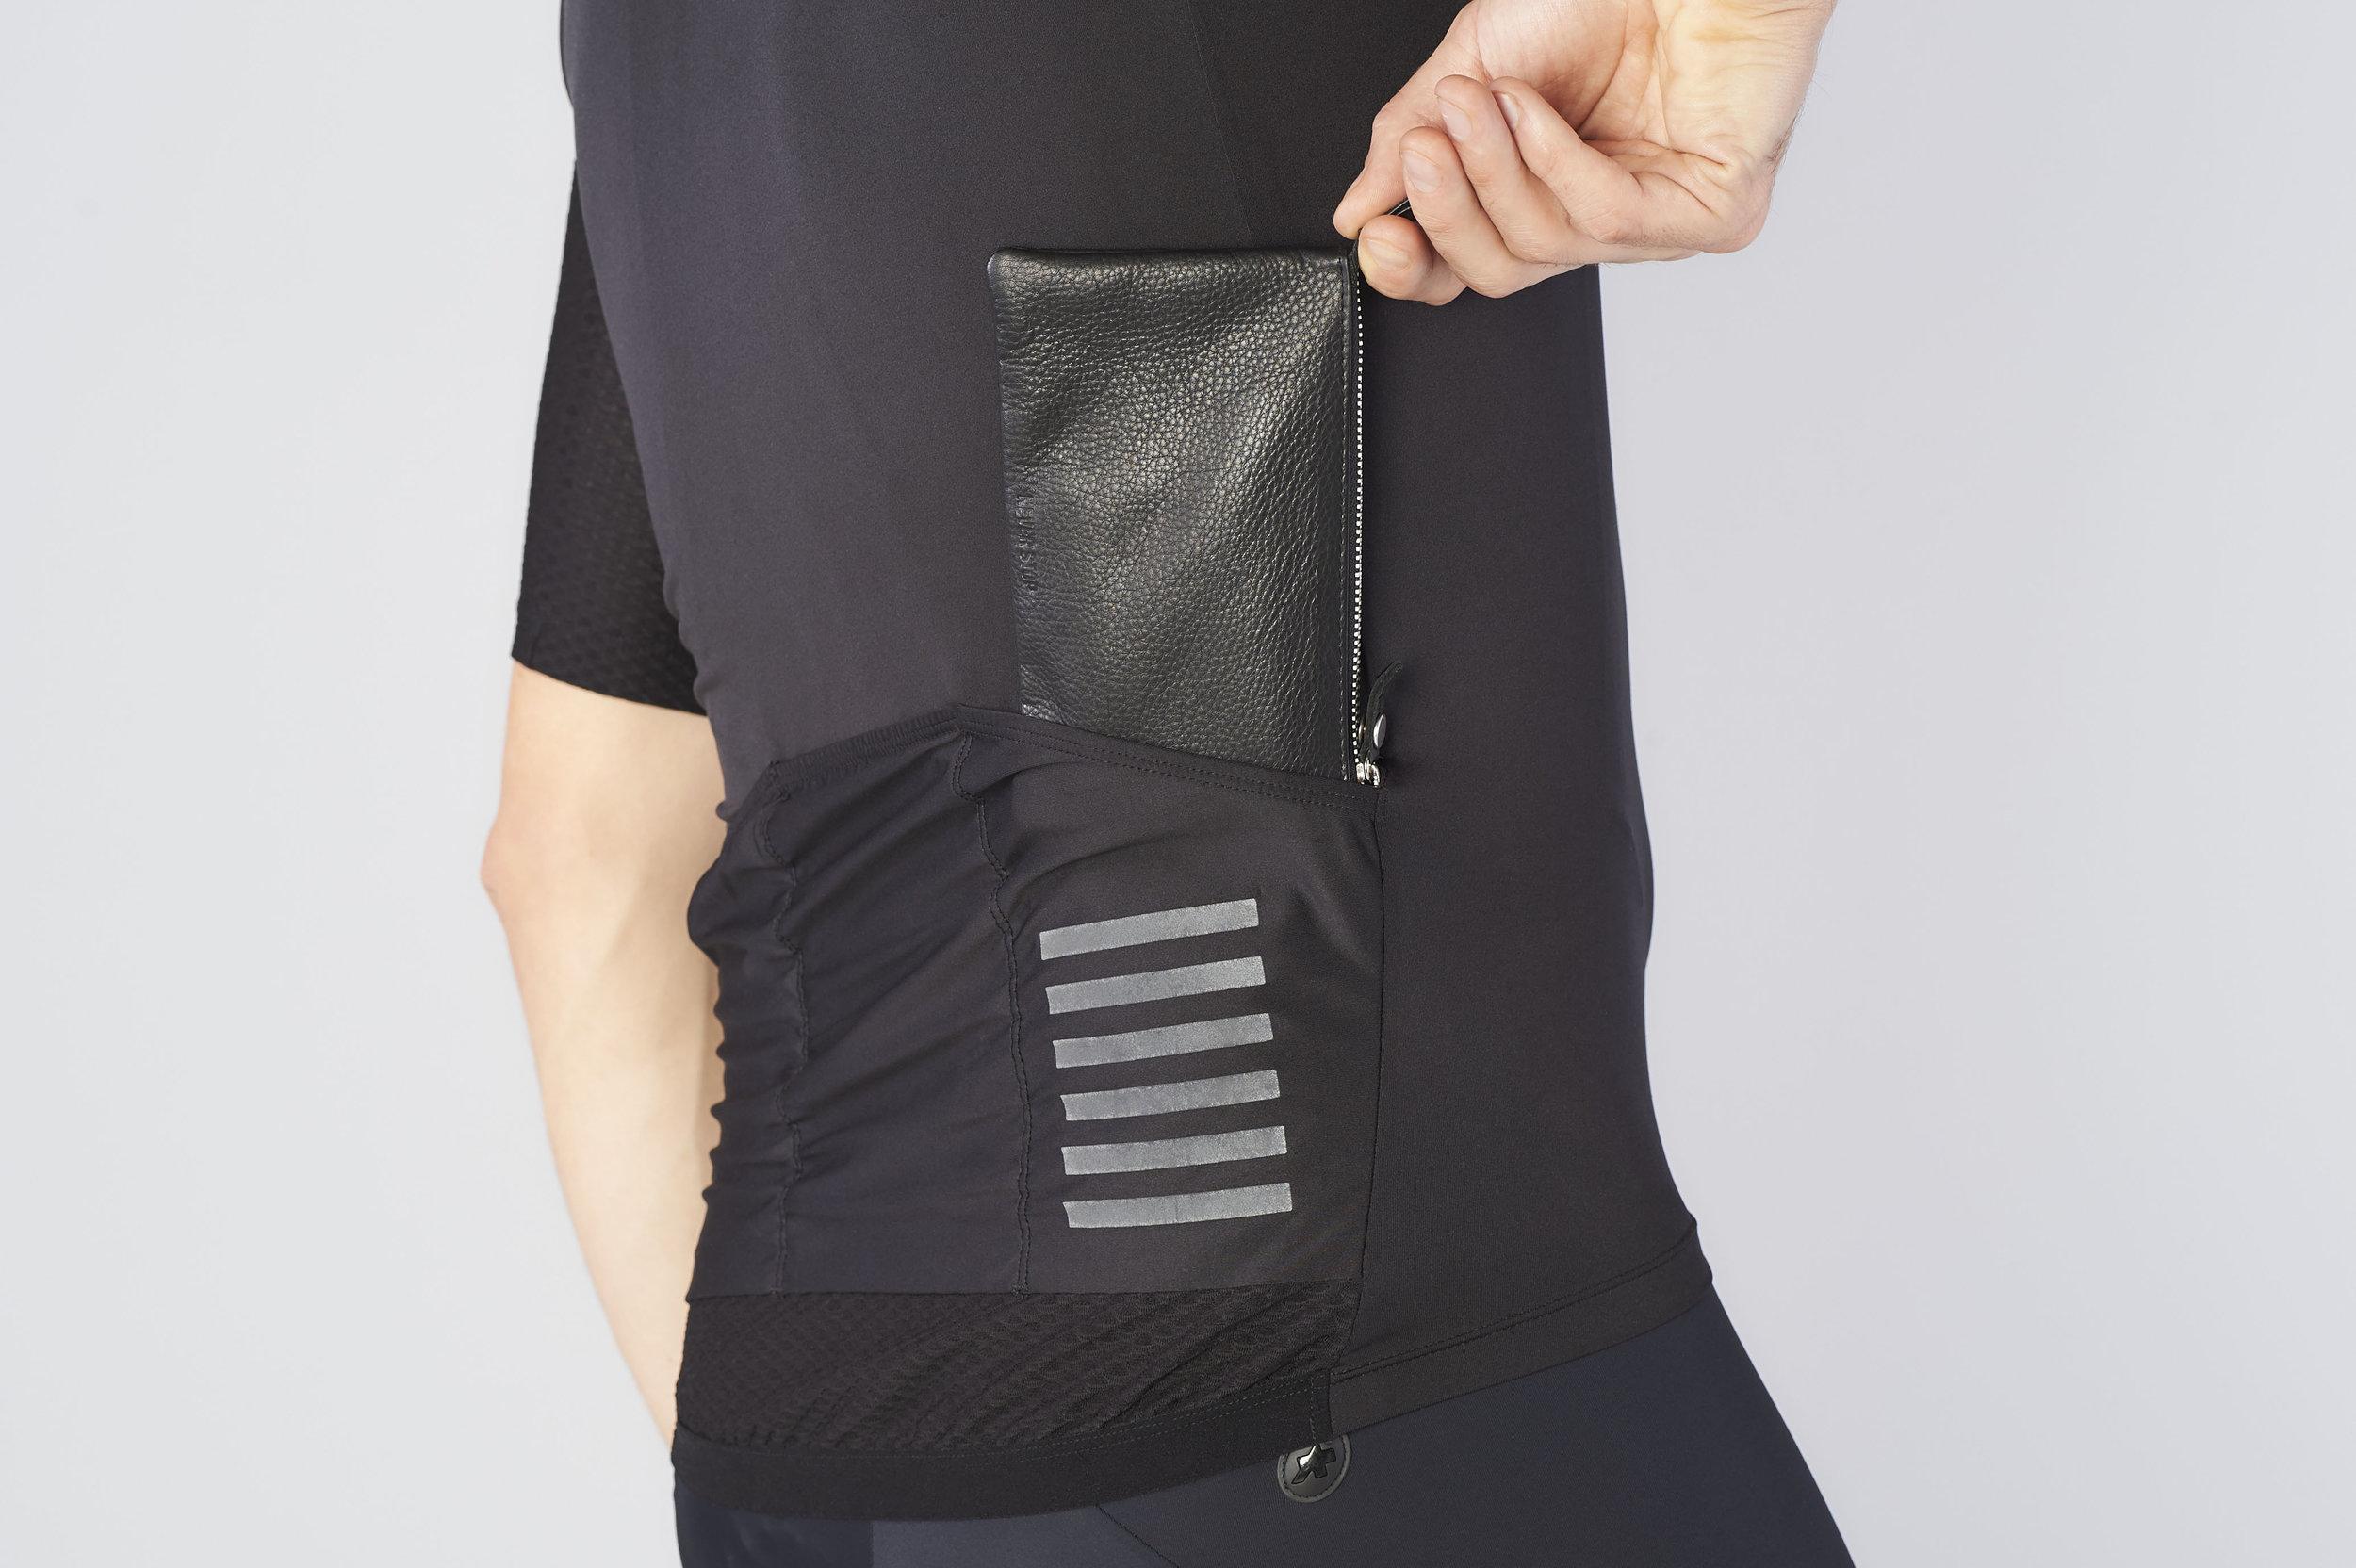 #gth pouch big1.jpg